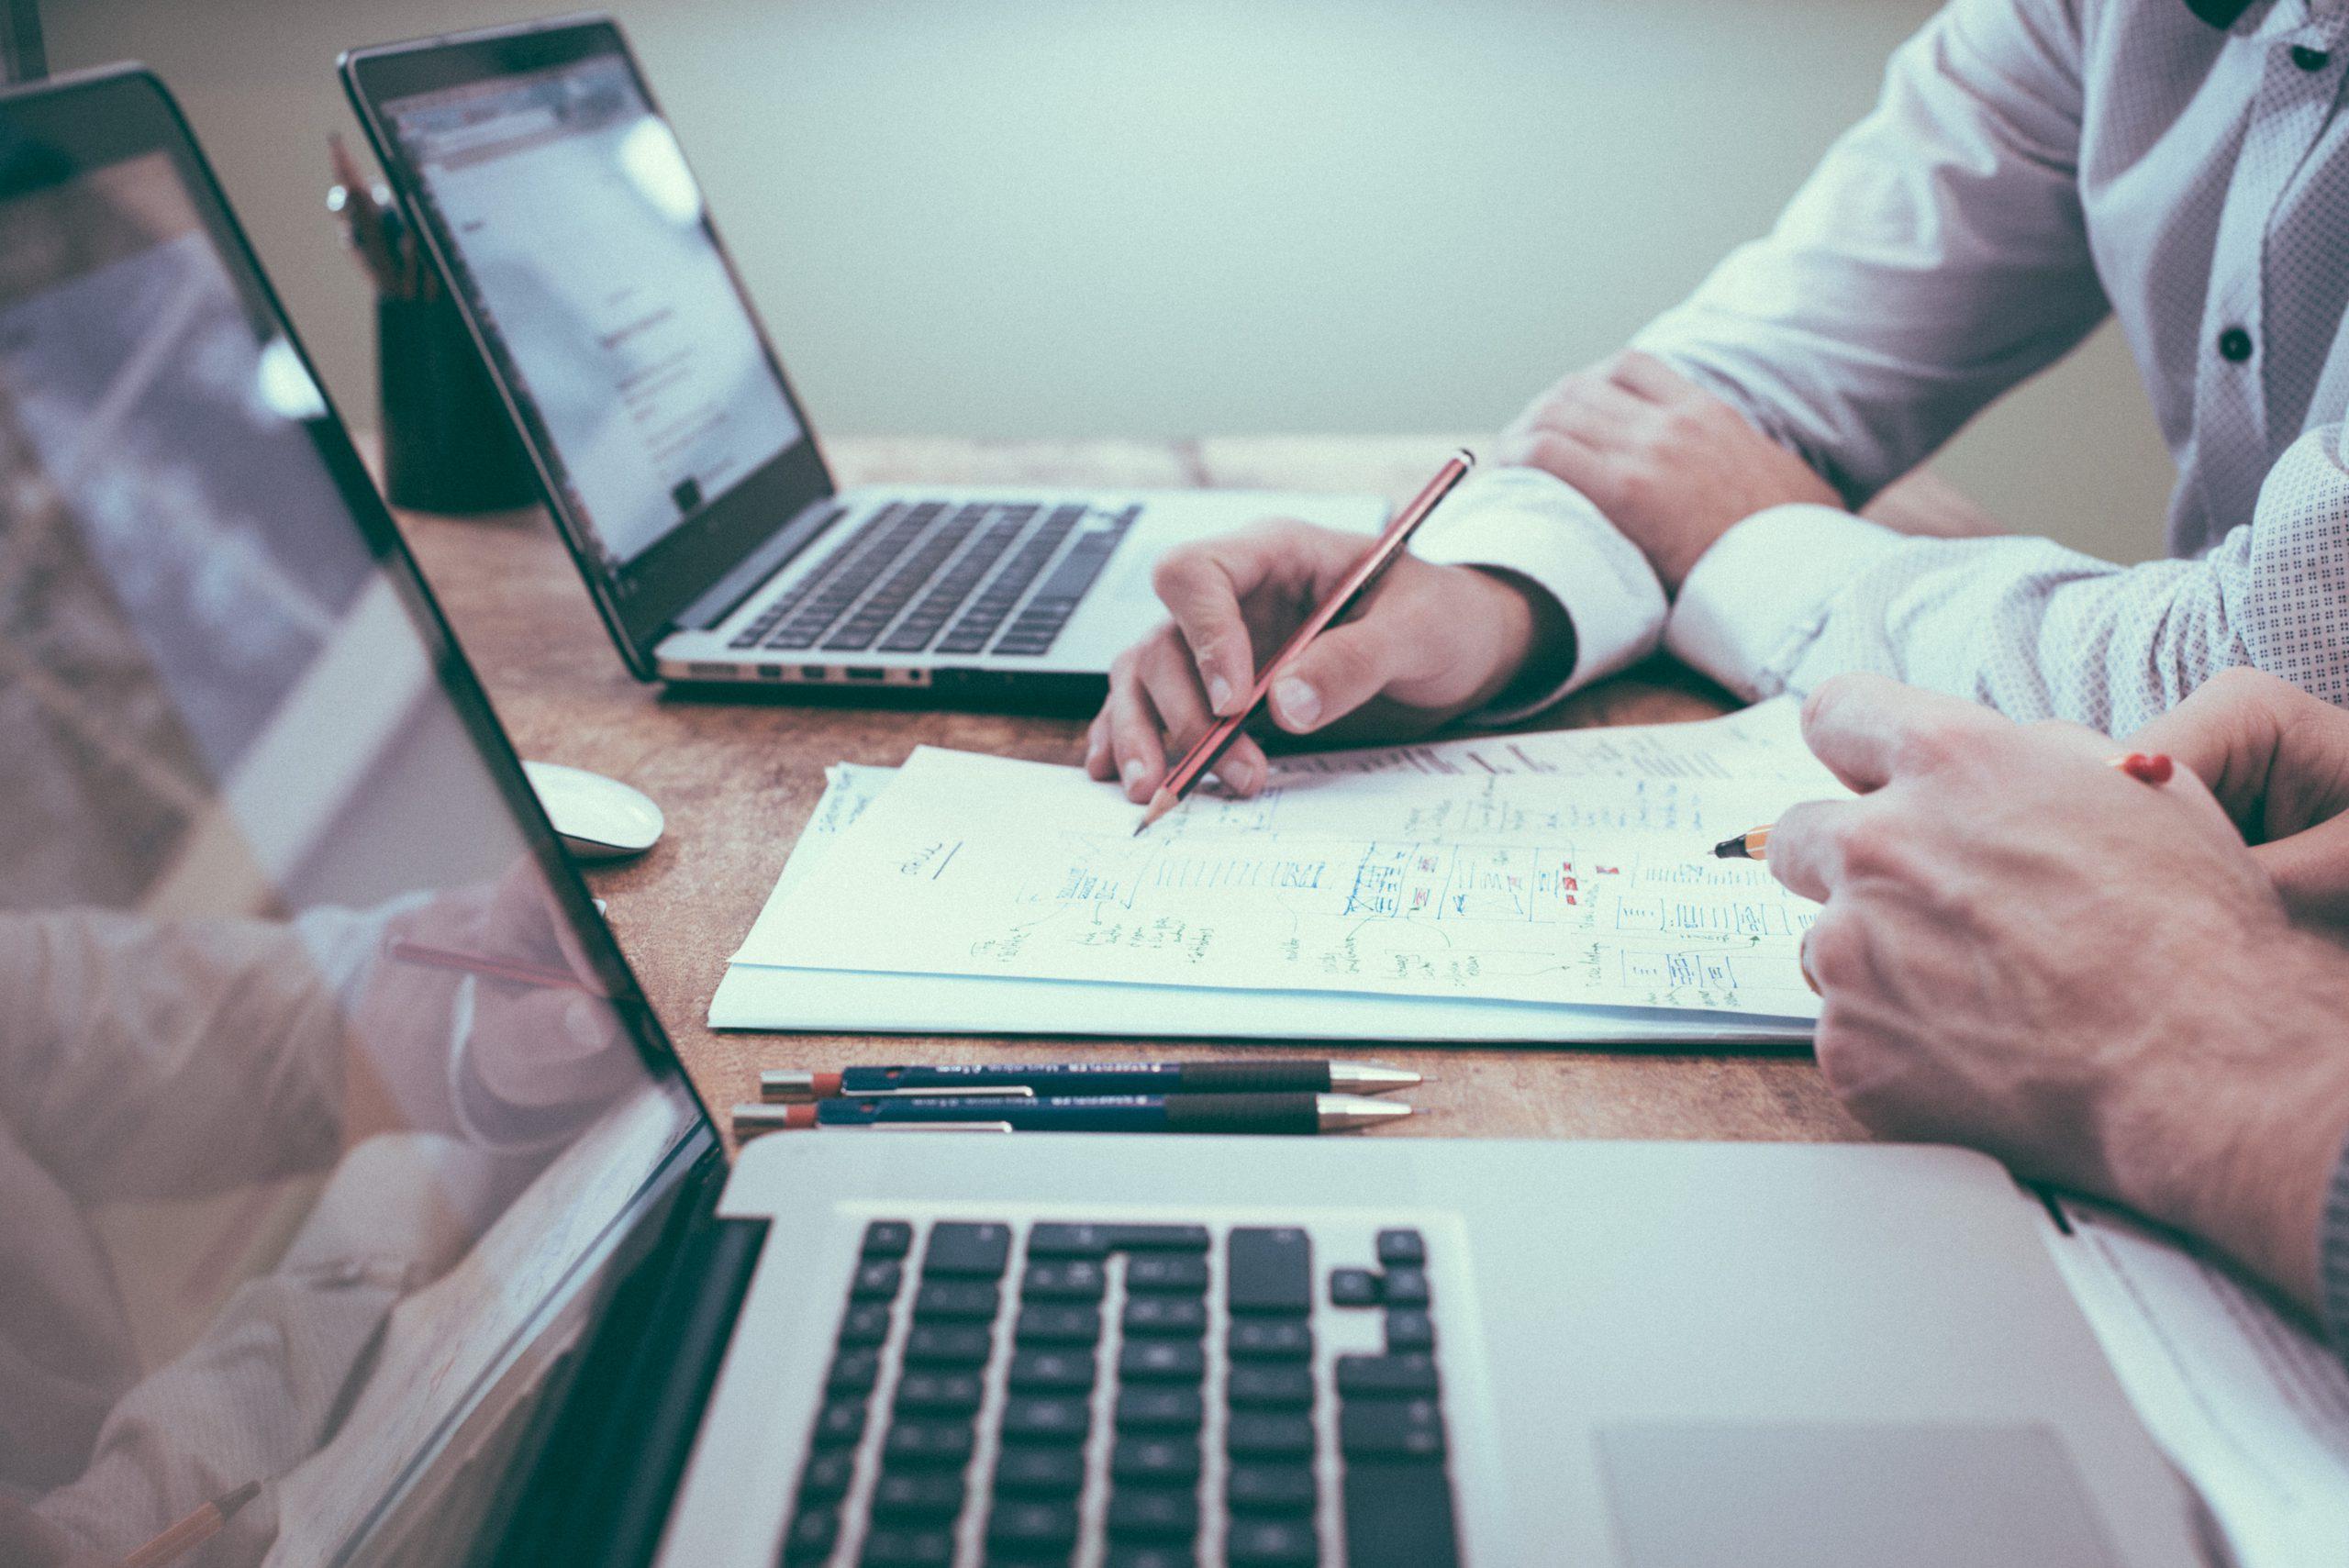 Quy định về đảm bảo thực hiện dự án theo Luật Đầu tư 2020